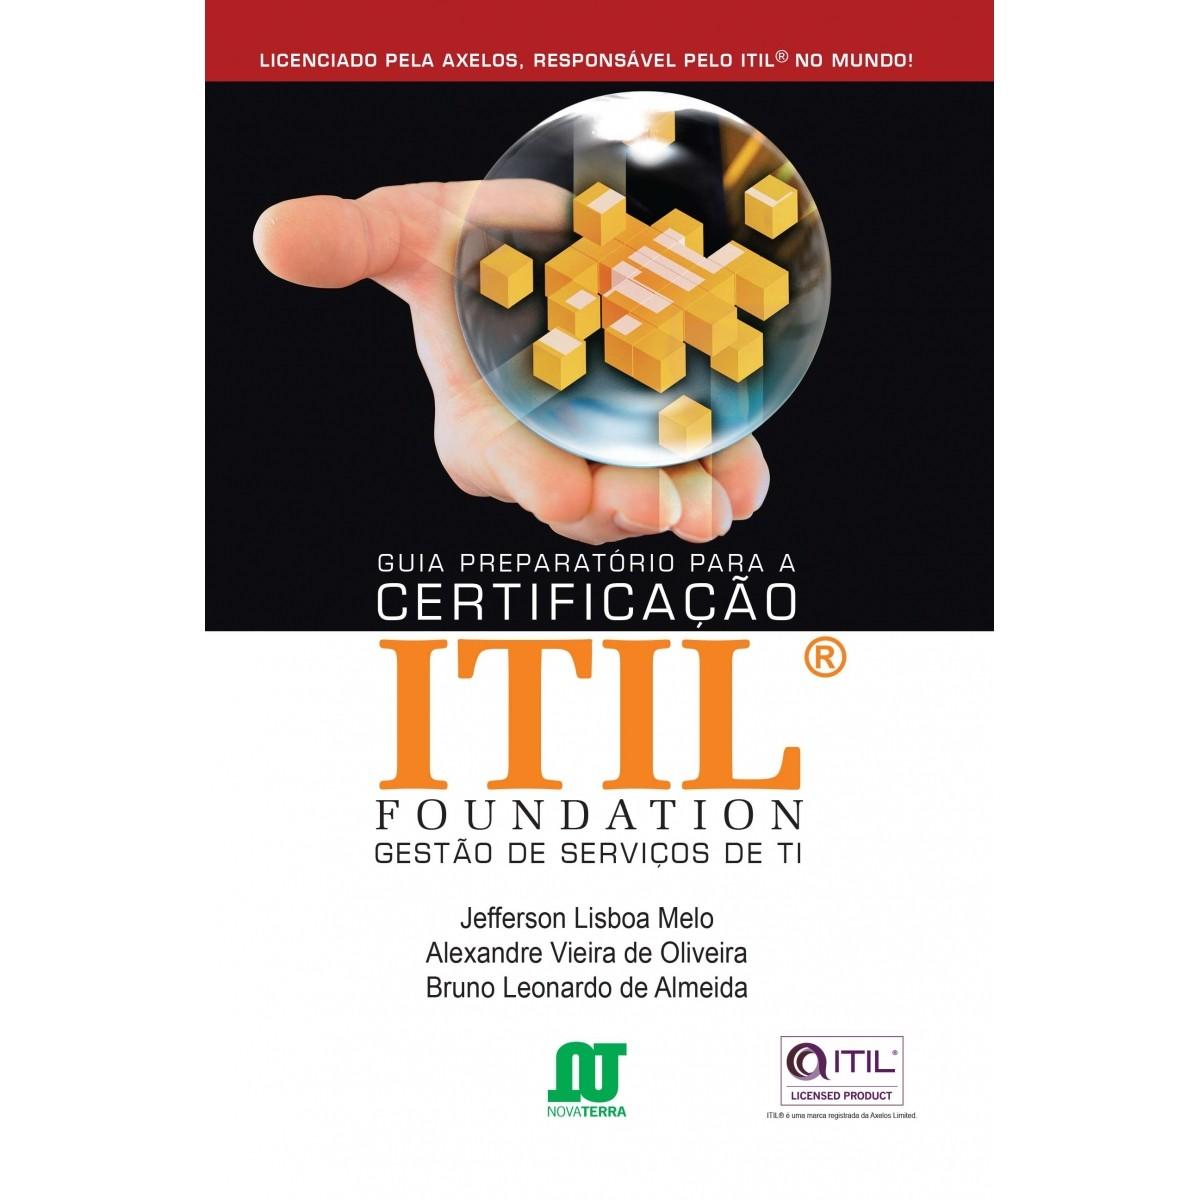 Certificação ITIL FOUNDATION